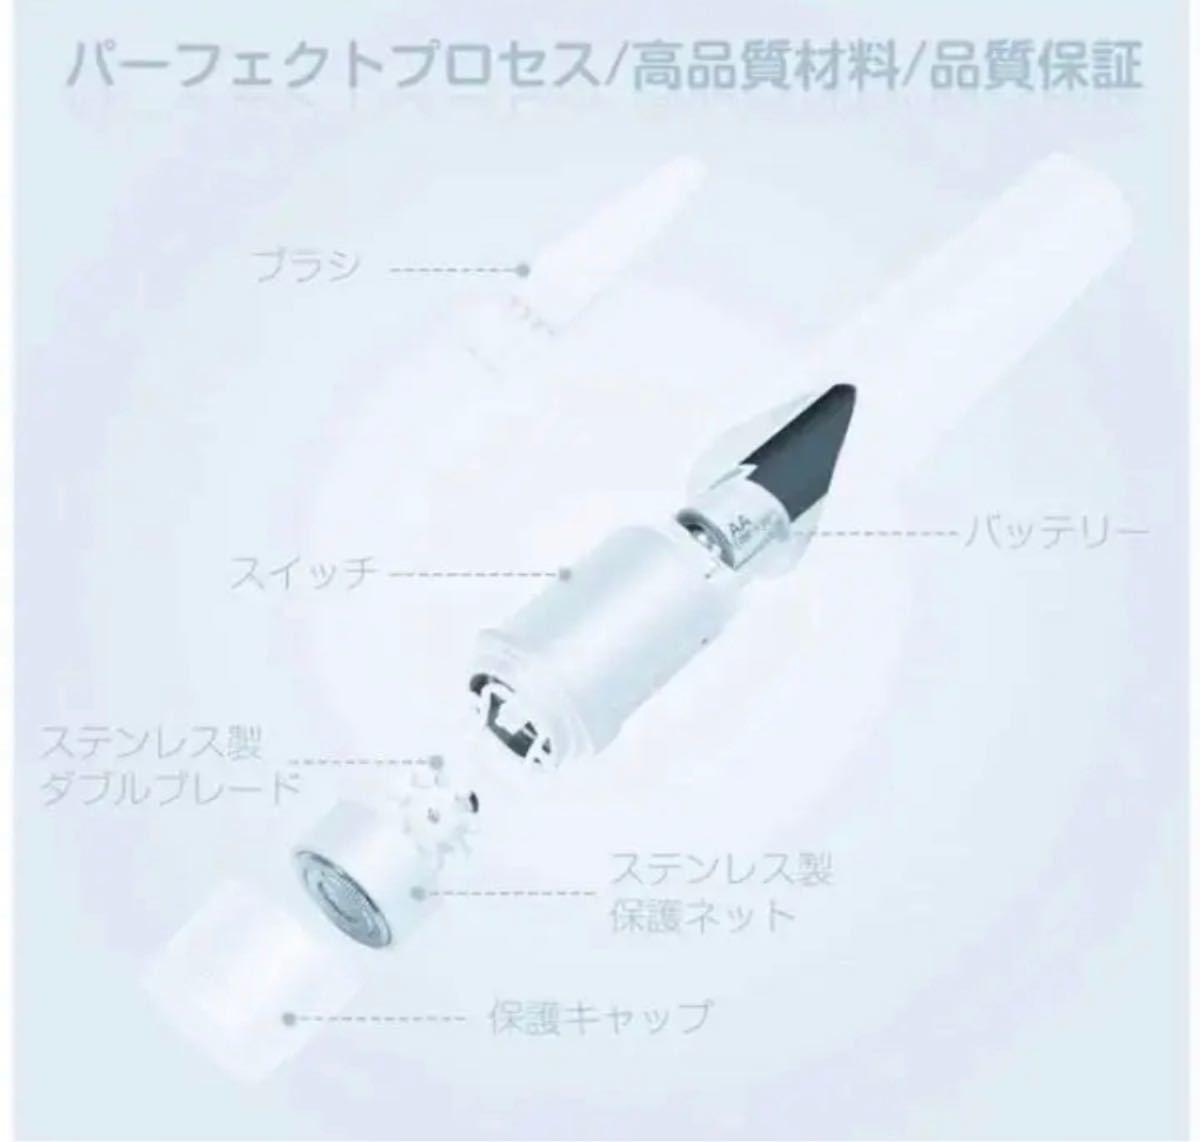 レディース電気シェーバー IPX6防水機能 (ホワイト)